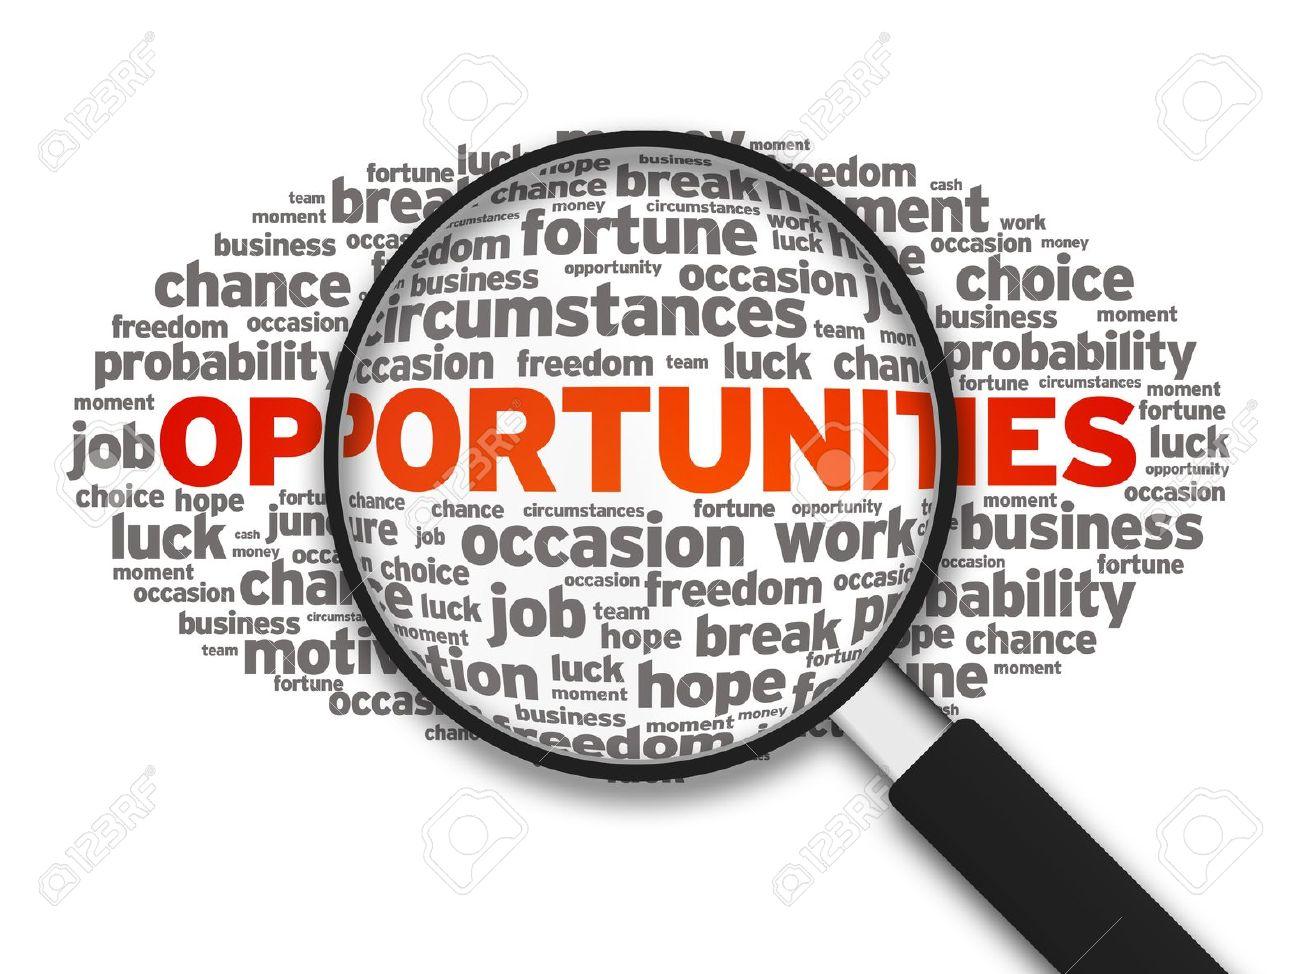 opportunities ga paumcs